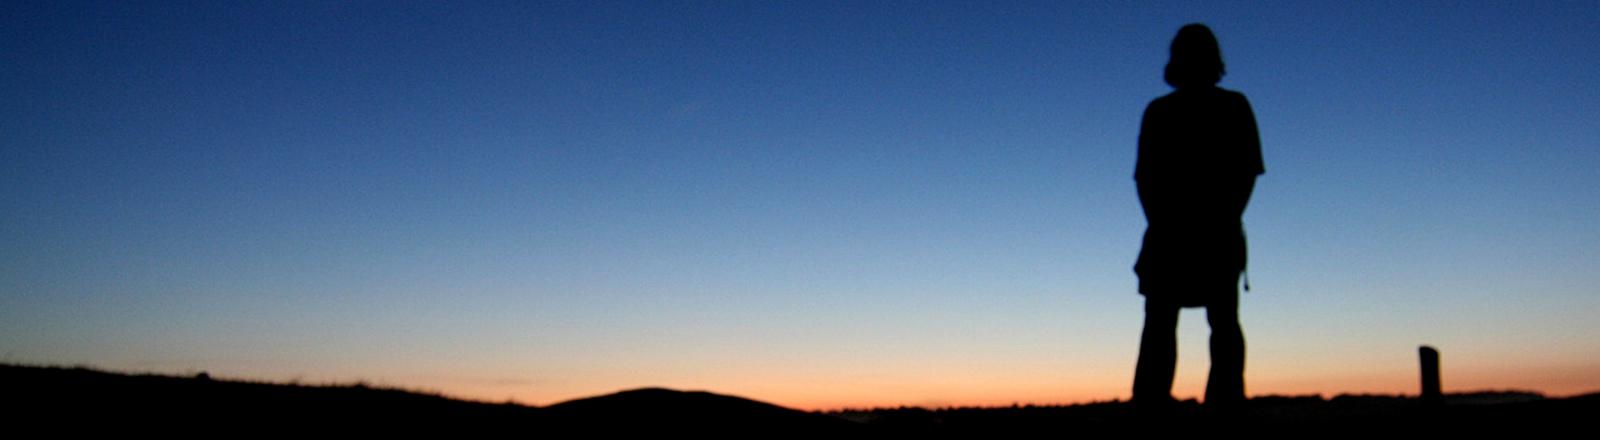 Jemand steht vor dem Sonnenuntergang und schaut in die Weite.